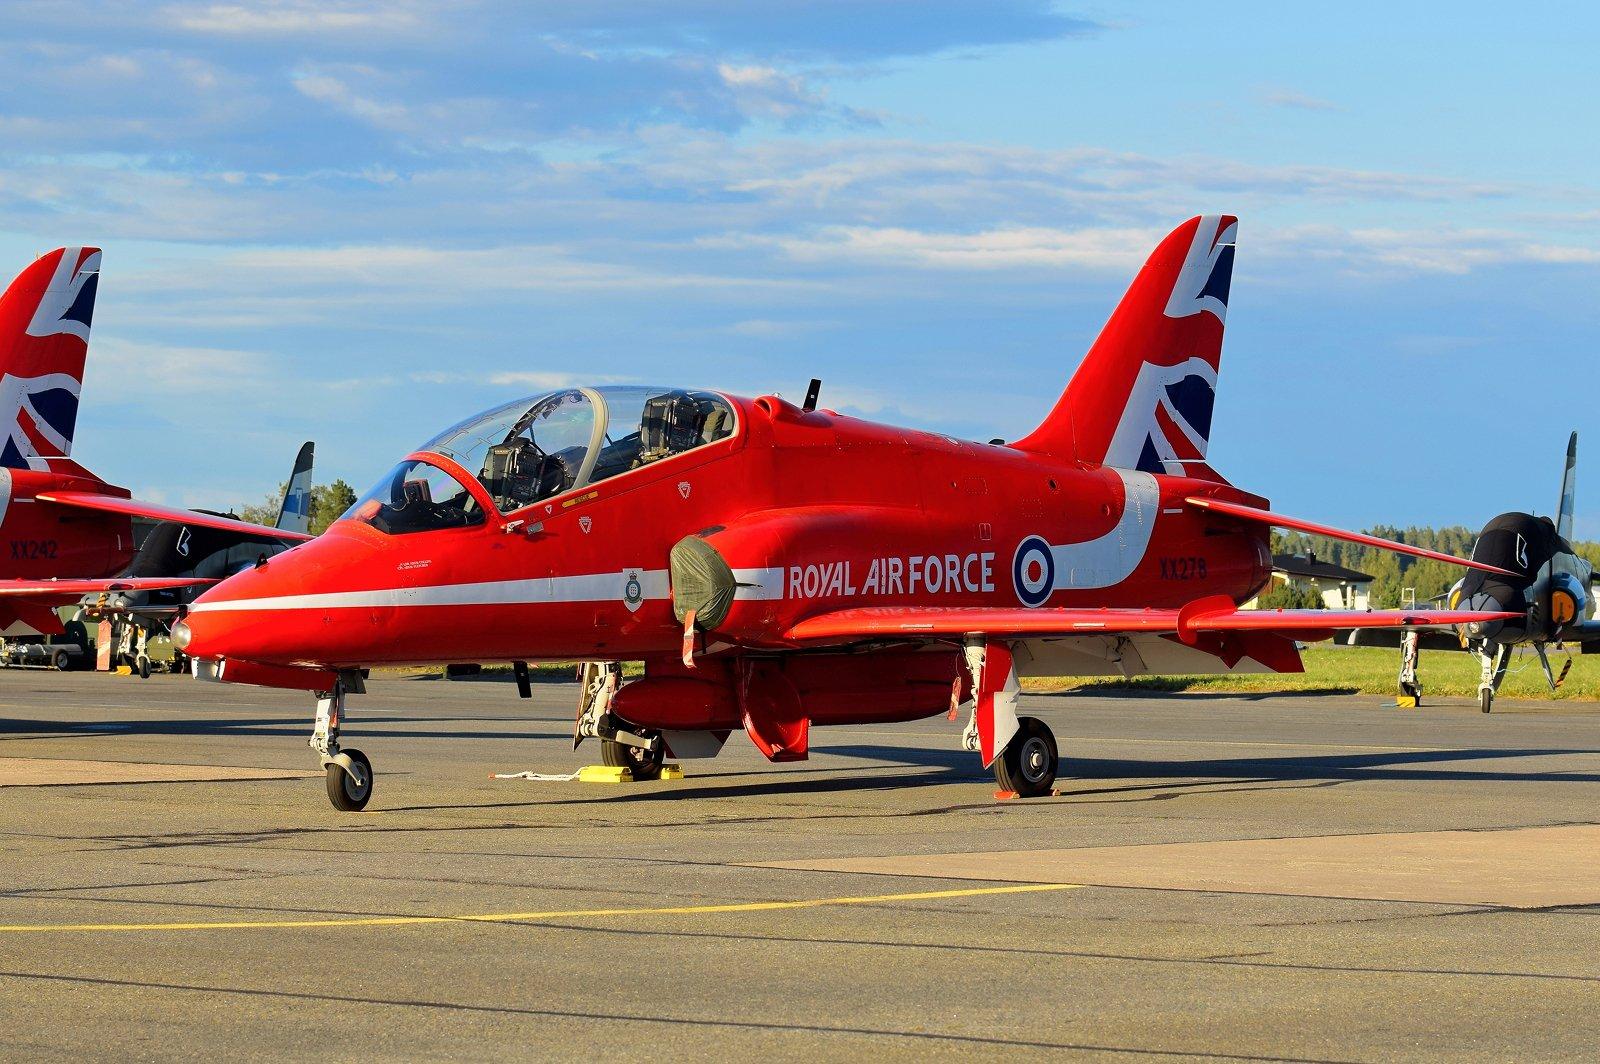 XX278 - British Aerospace Hawk T.1A - Royal Air Force (RAF) - 29.8.2020